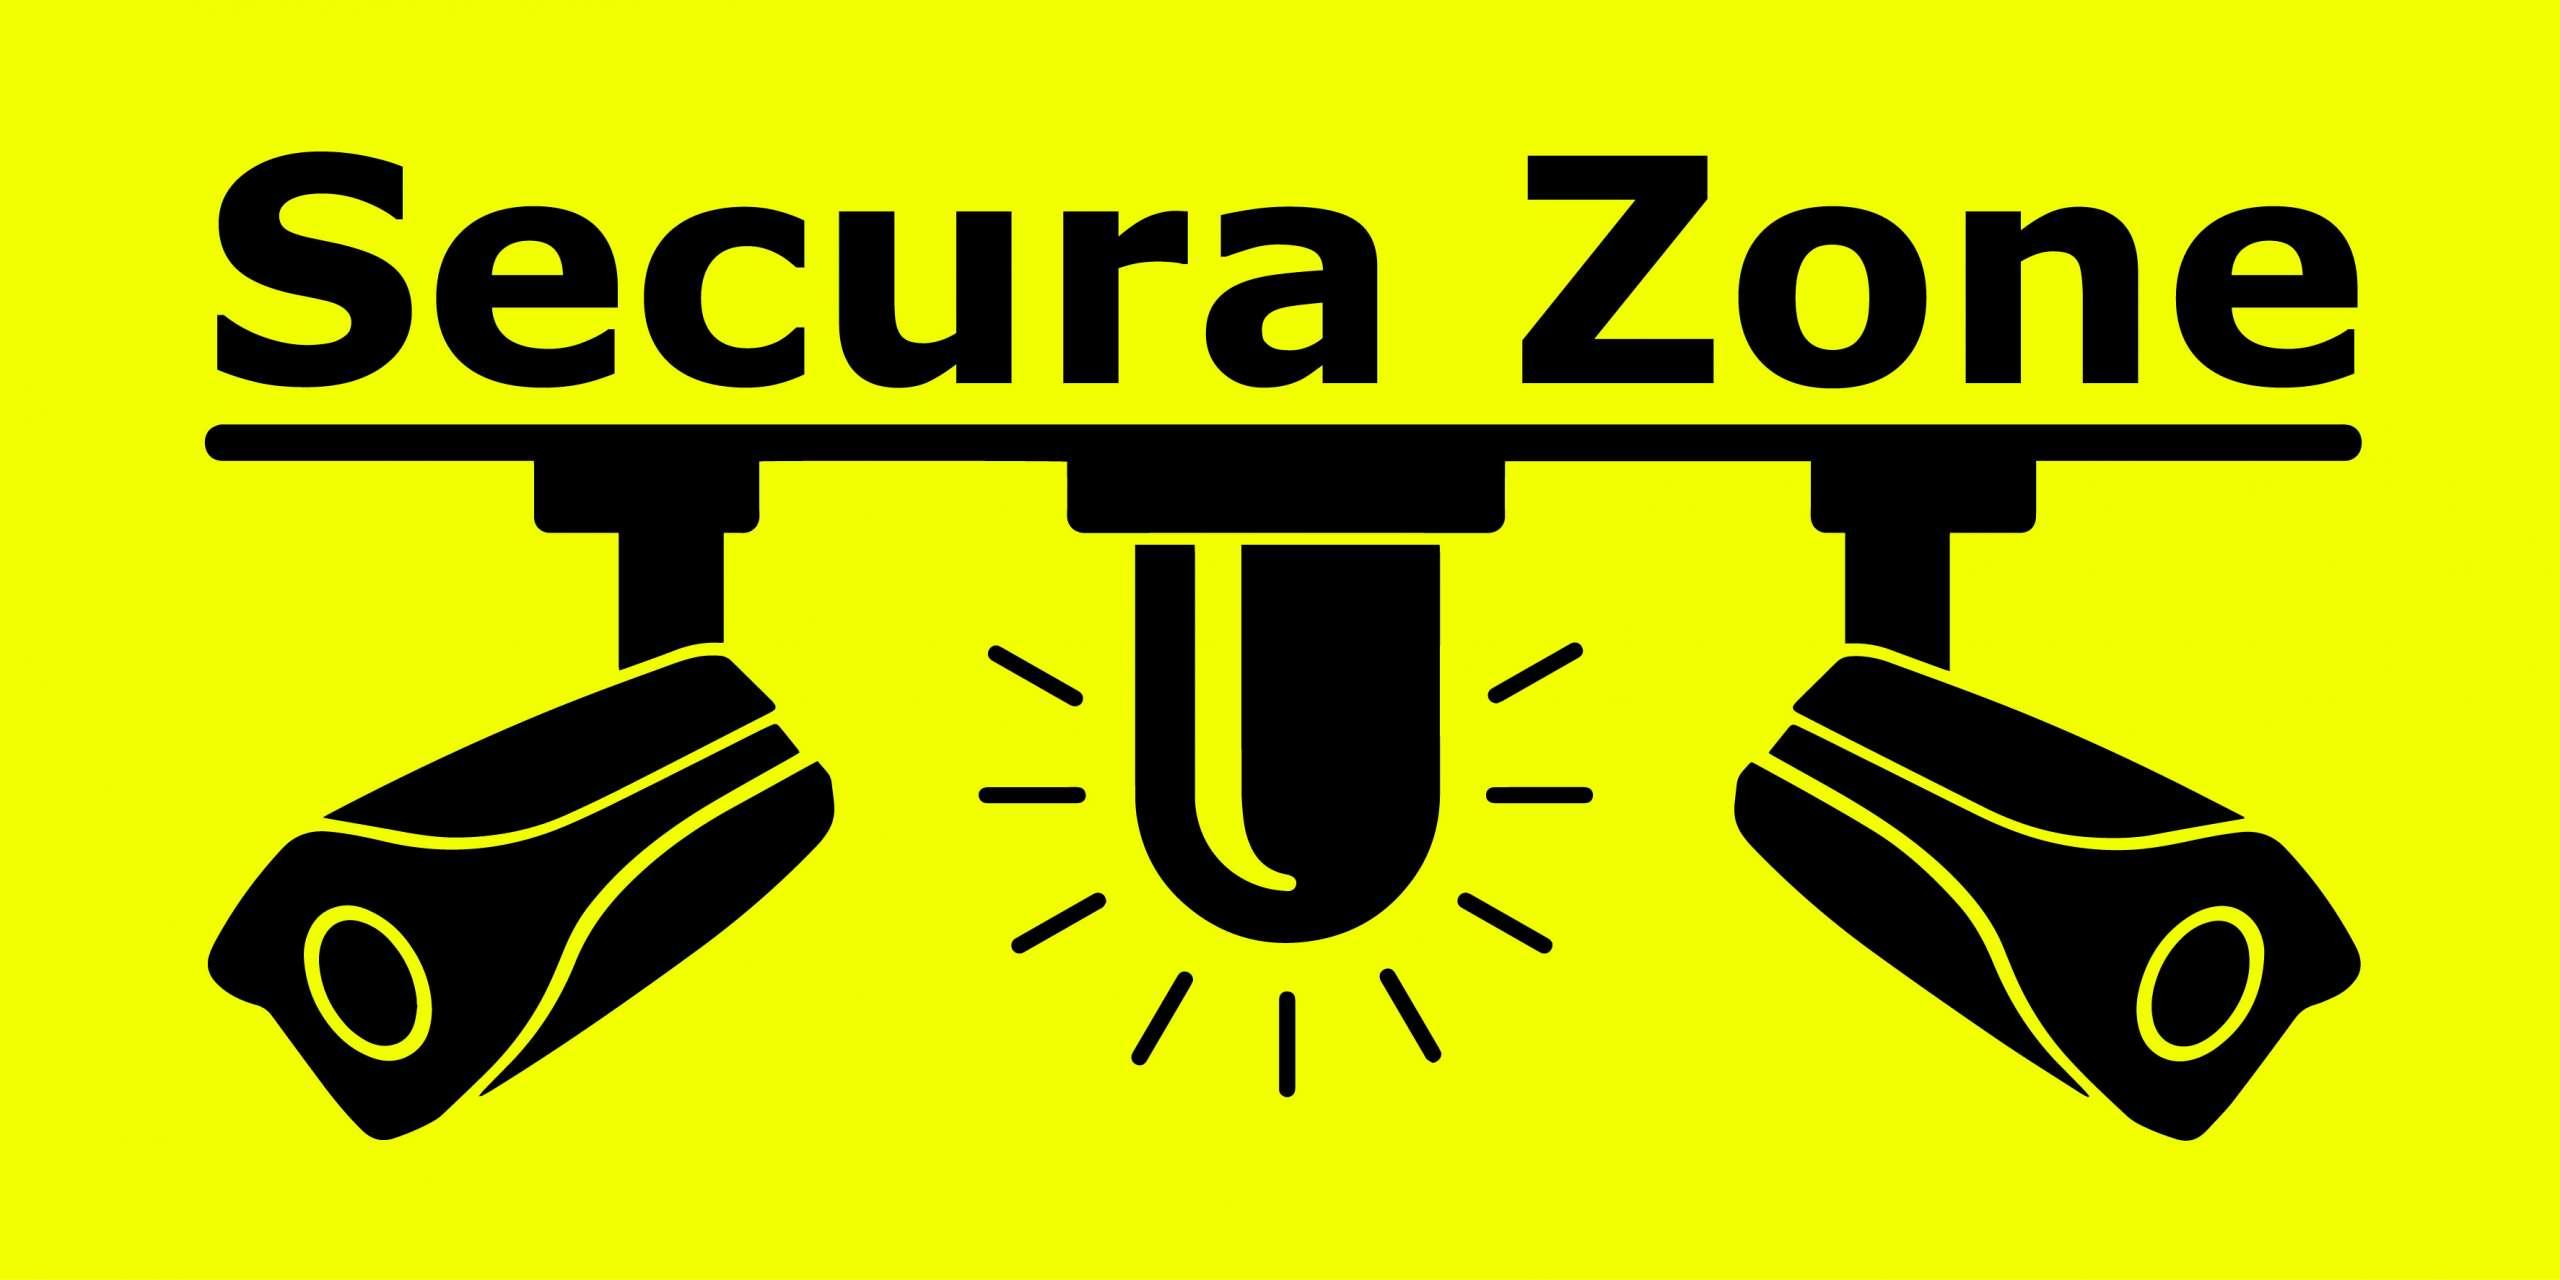 Secura Zone - Uebachs Sicherheitstechnik Logo